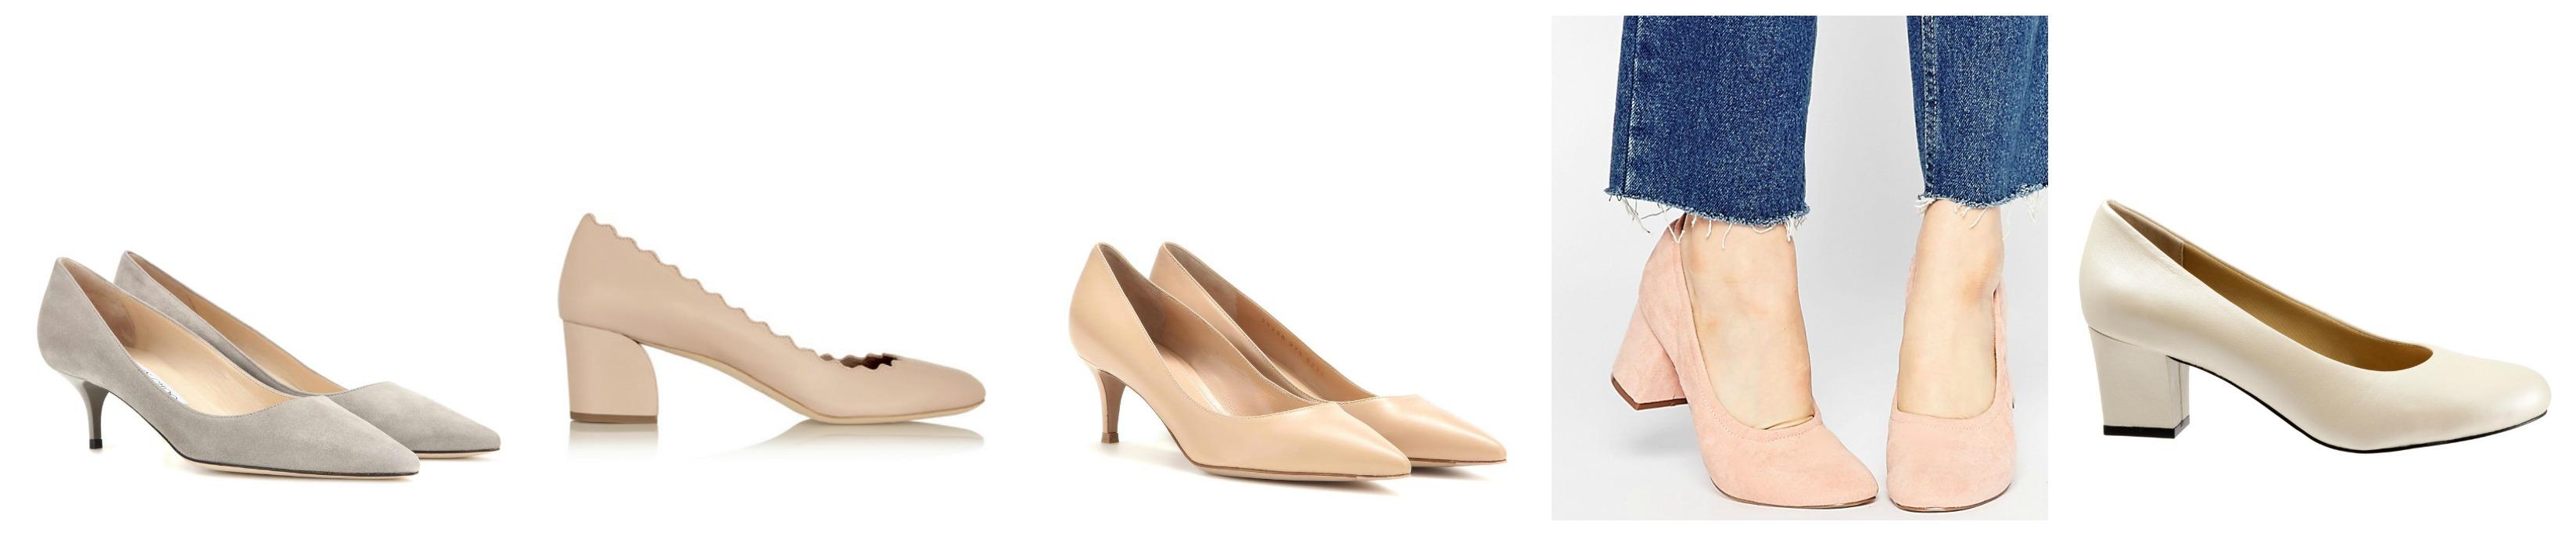 c937cba58785 10 sandheder om at finde sko til bryllup